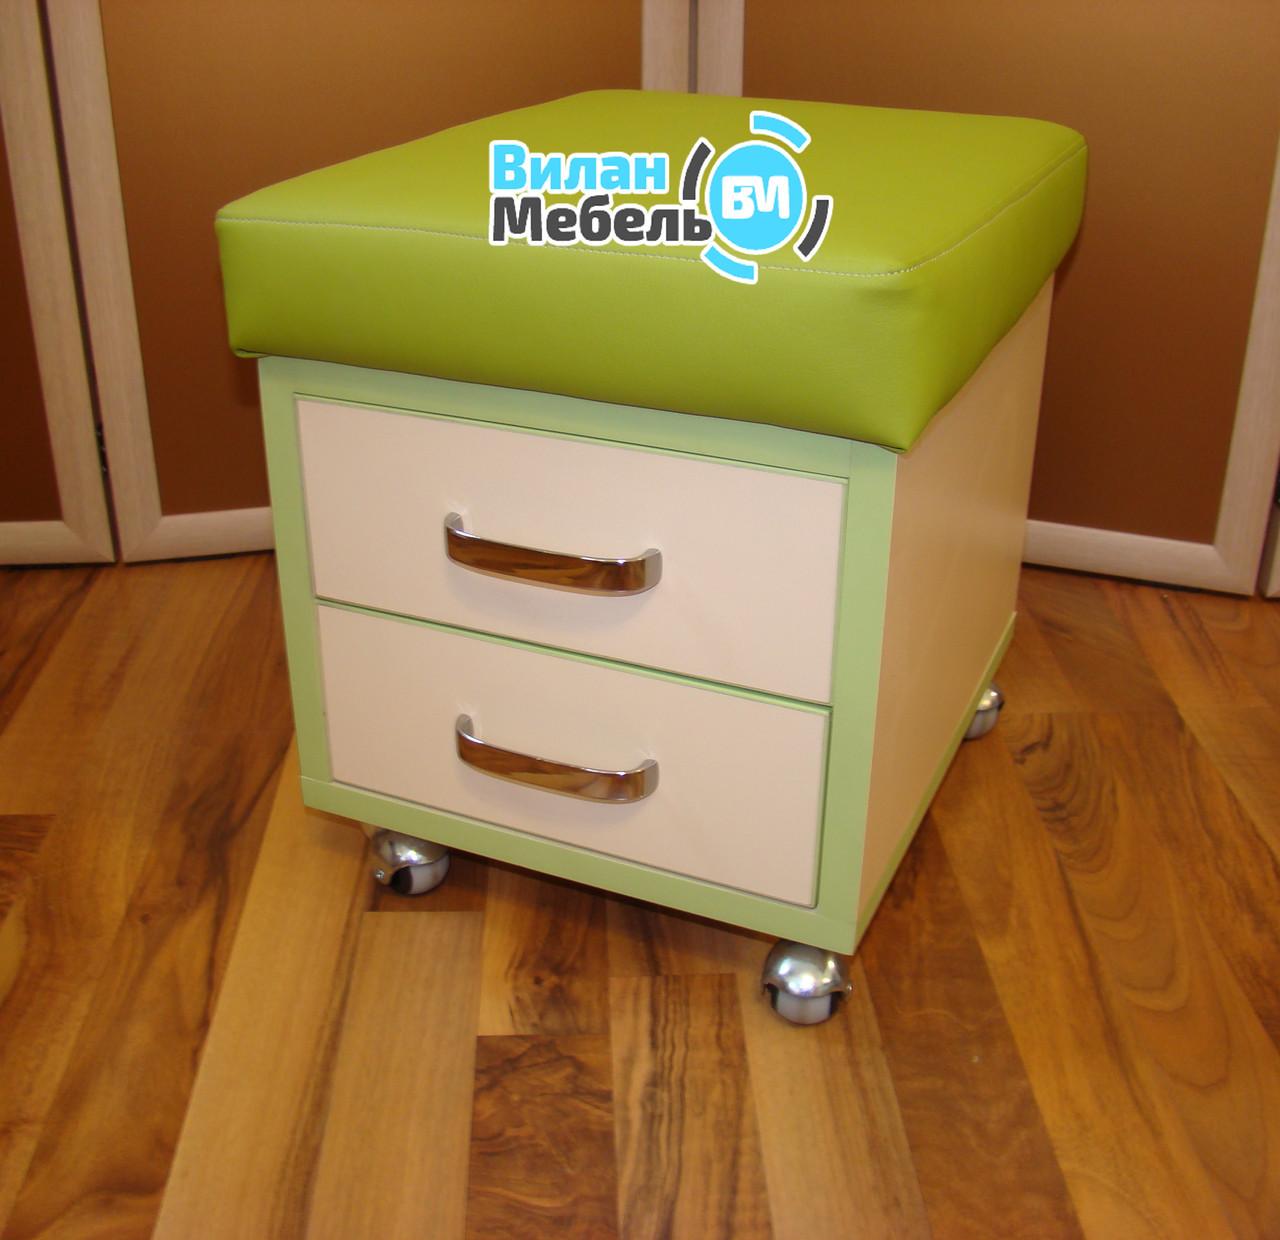 Пуф для мастера педикюра - Вилан-мебель в Киеве